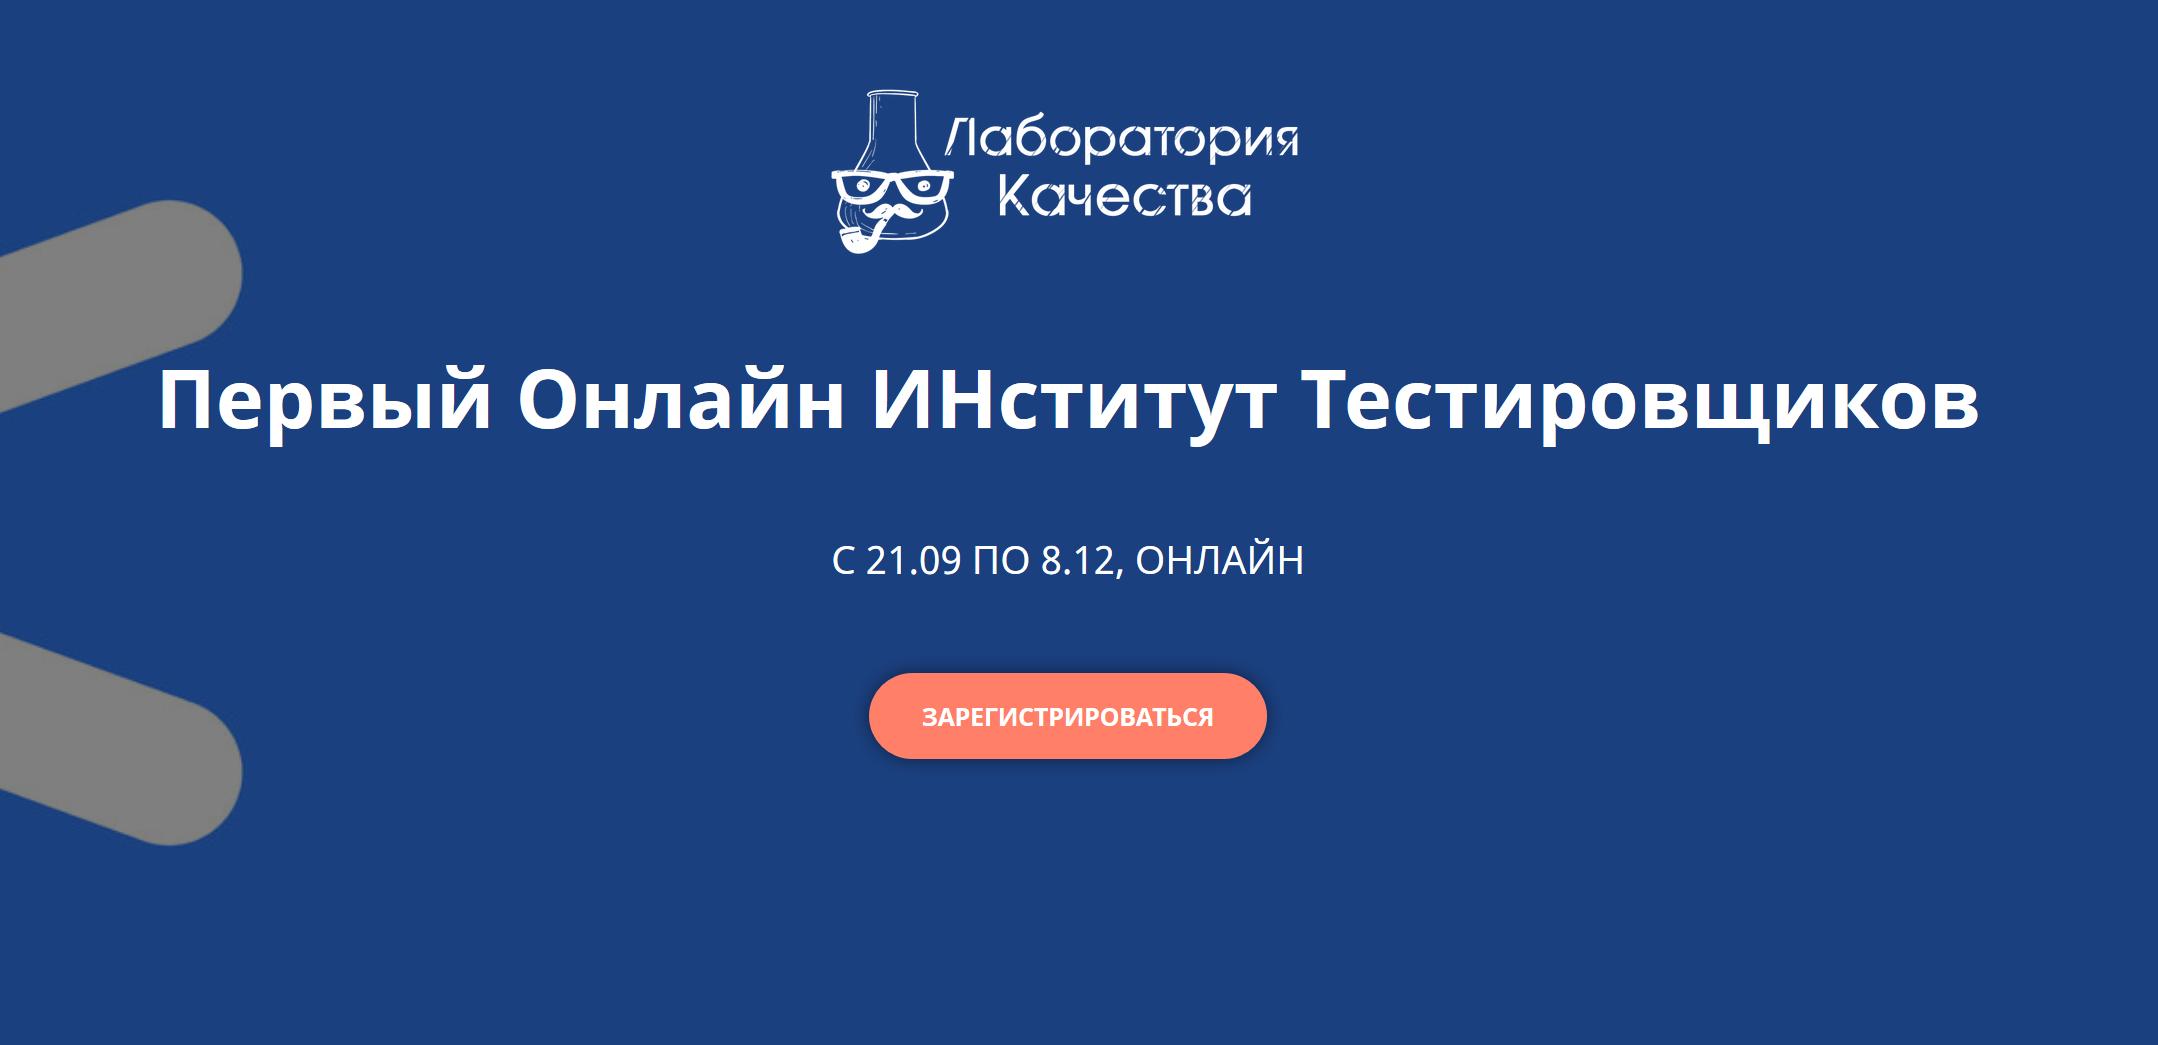 Первый онлайн институт тестировщиков